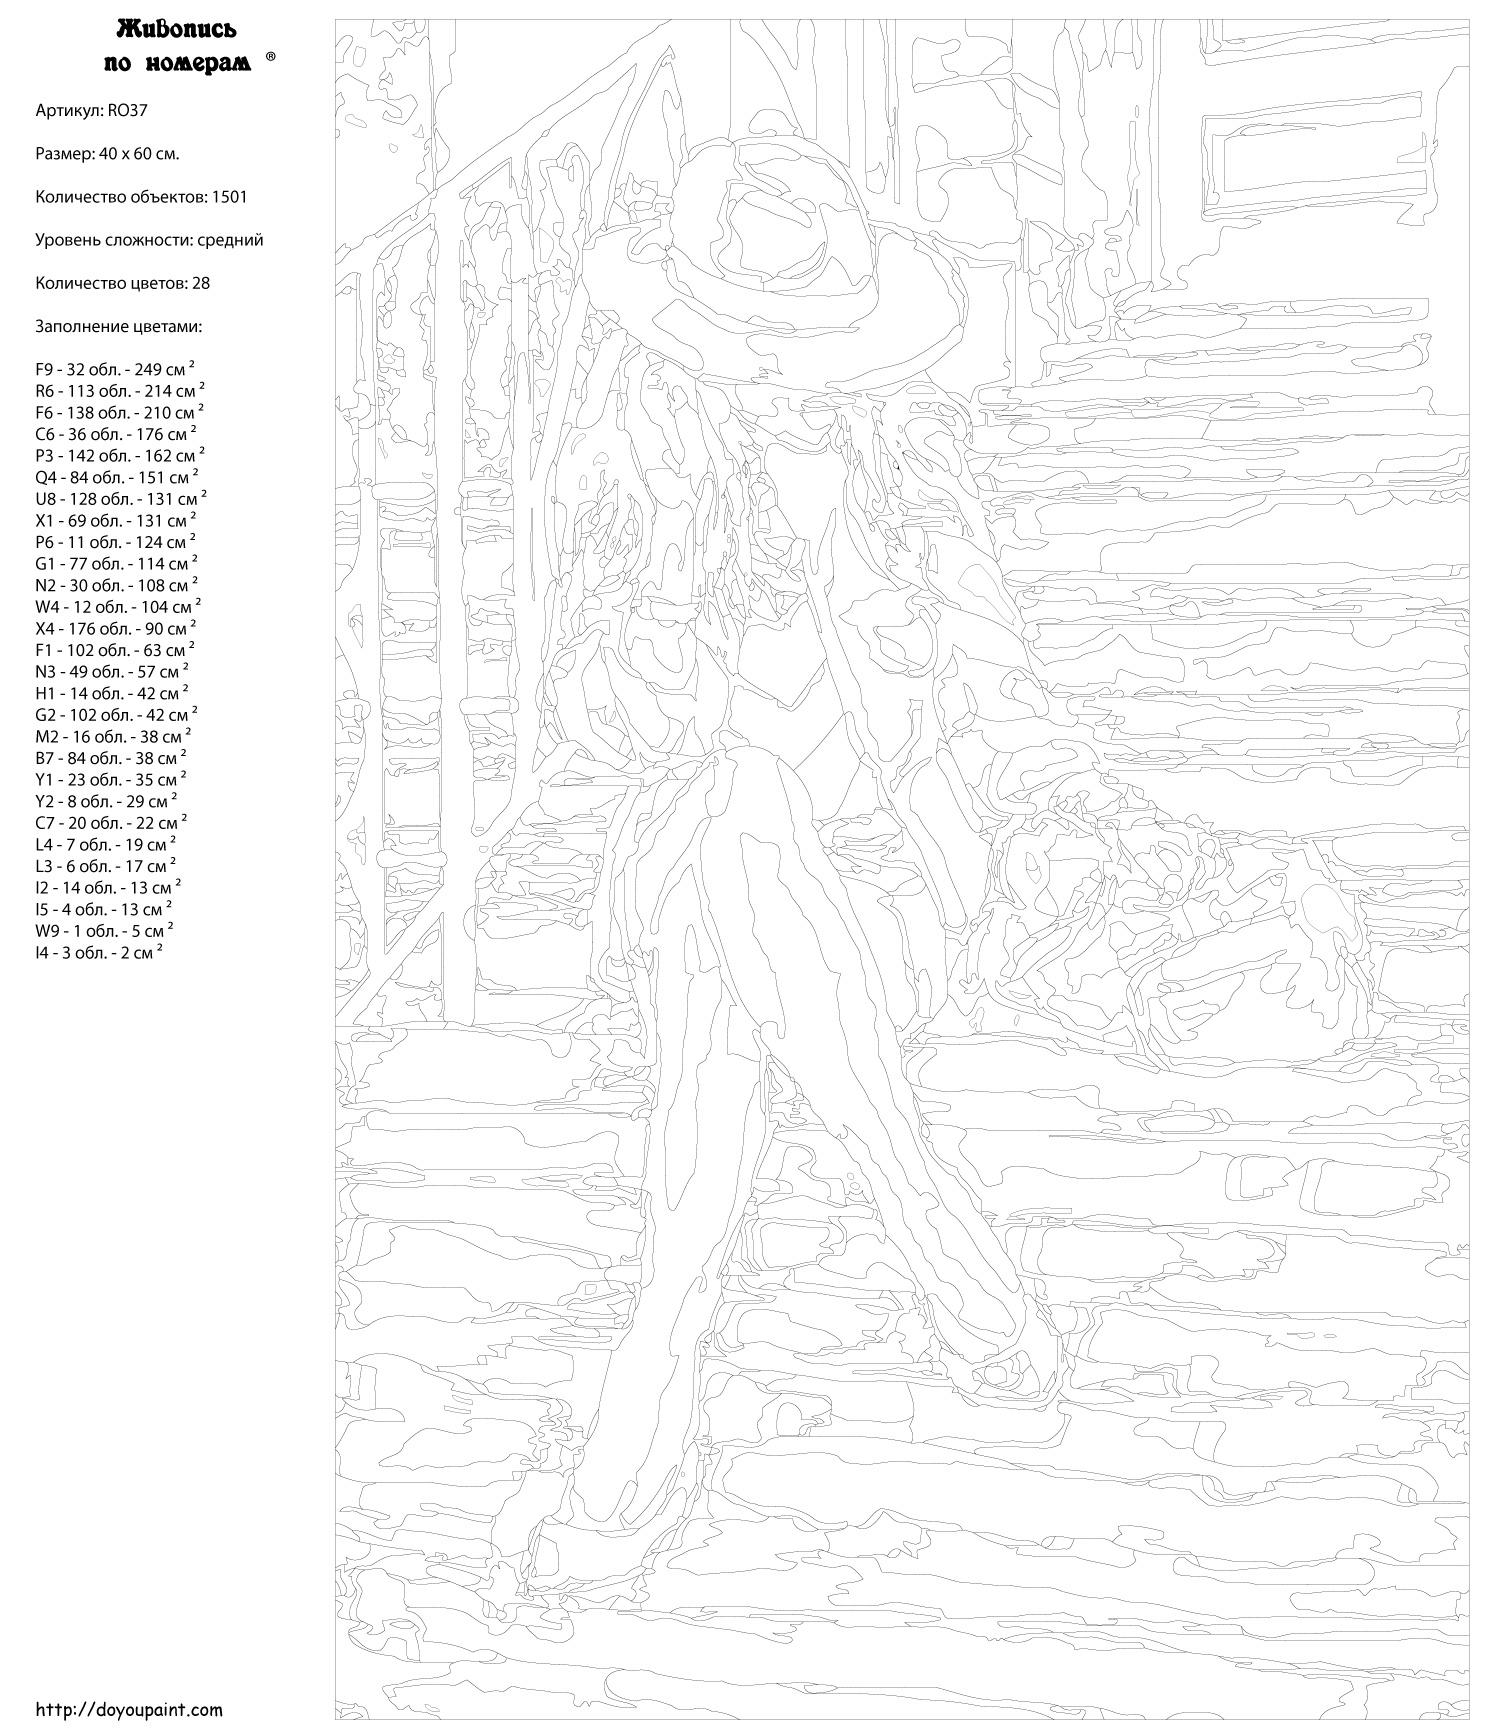 Картина по номерам, 40 x 60 см, RO37